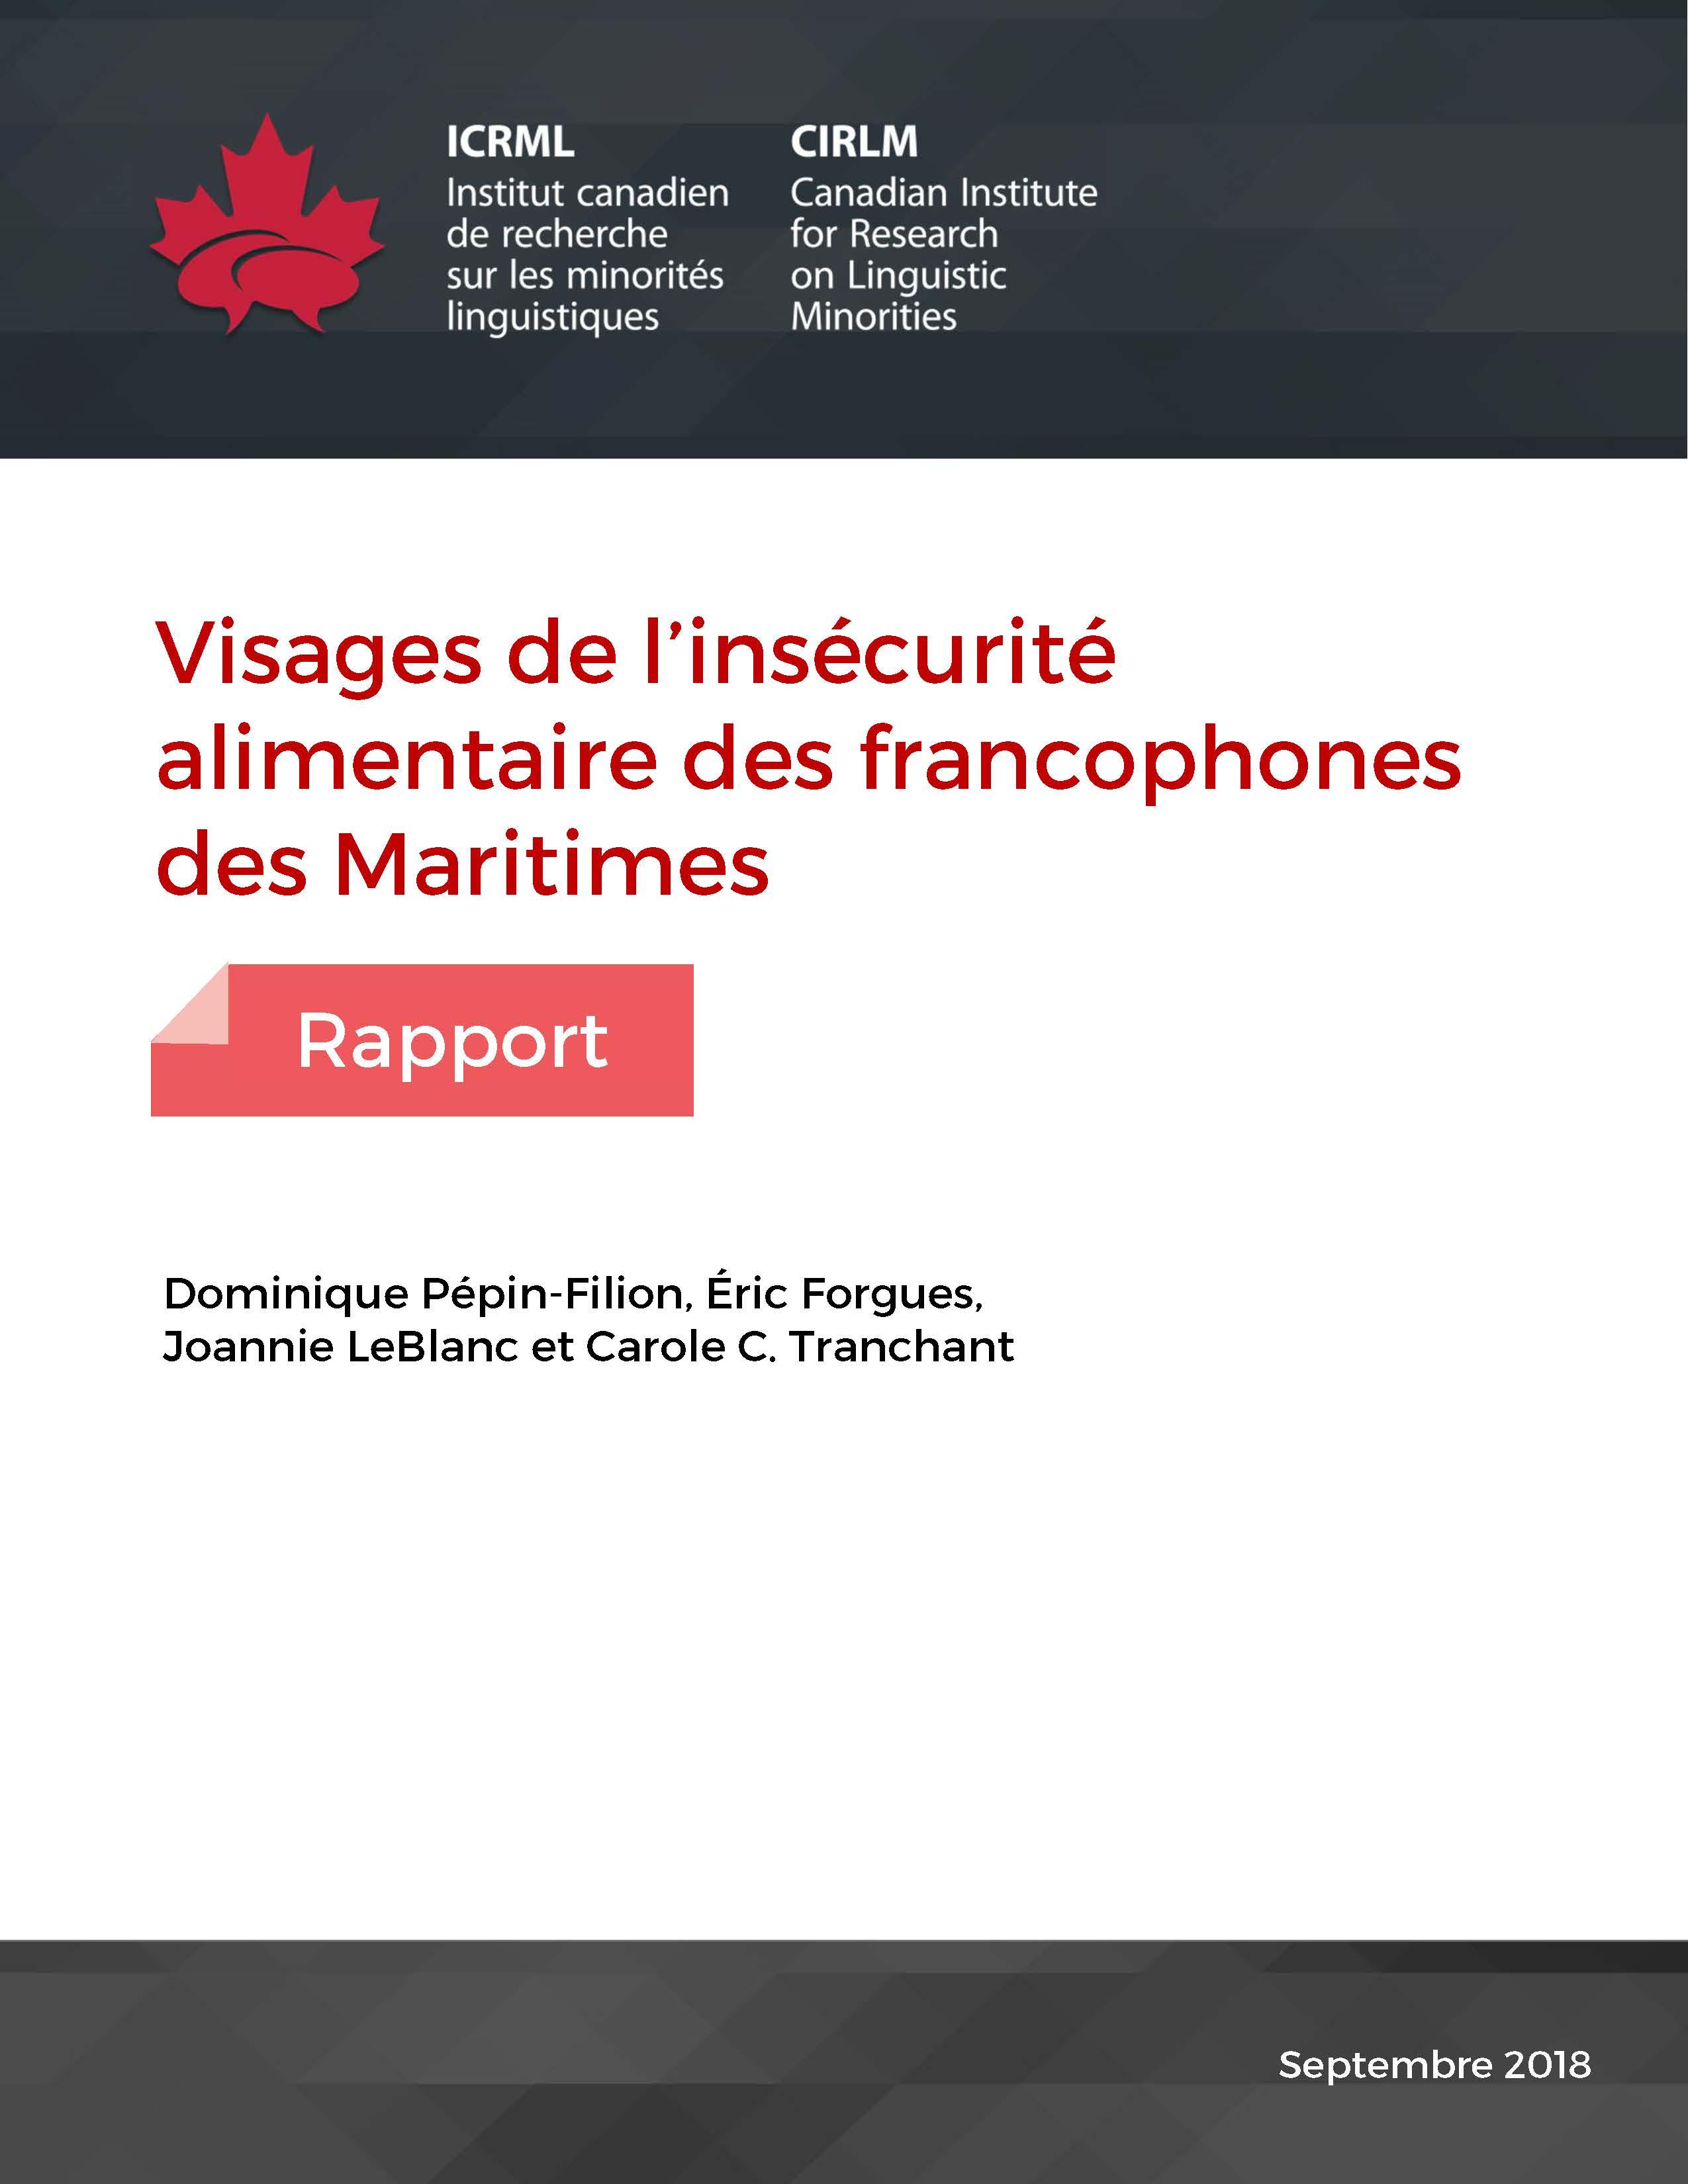 Visages de l insécurité alimentaire des francophones des Maritimes 29cc7b4b9fb7